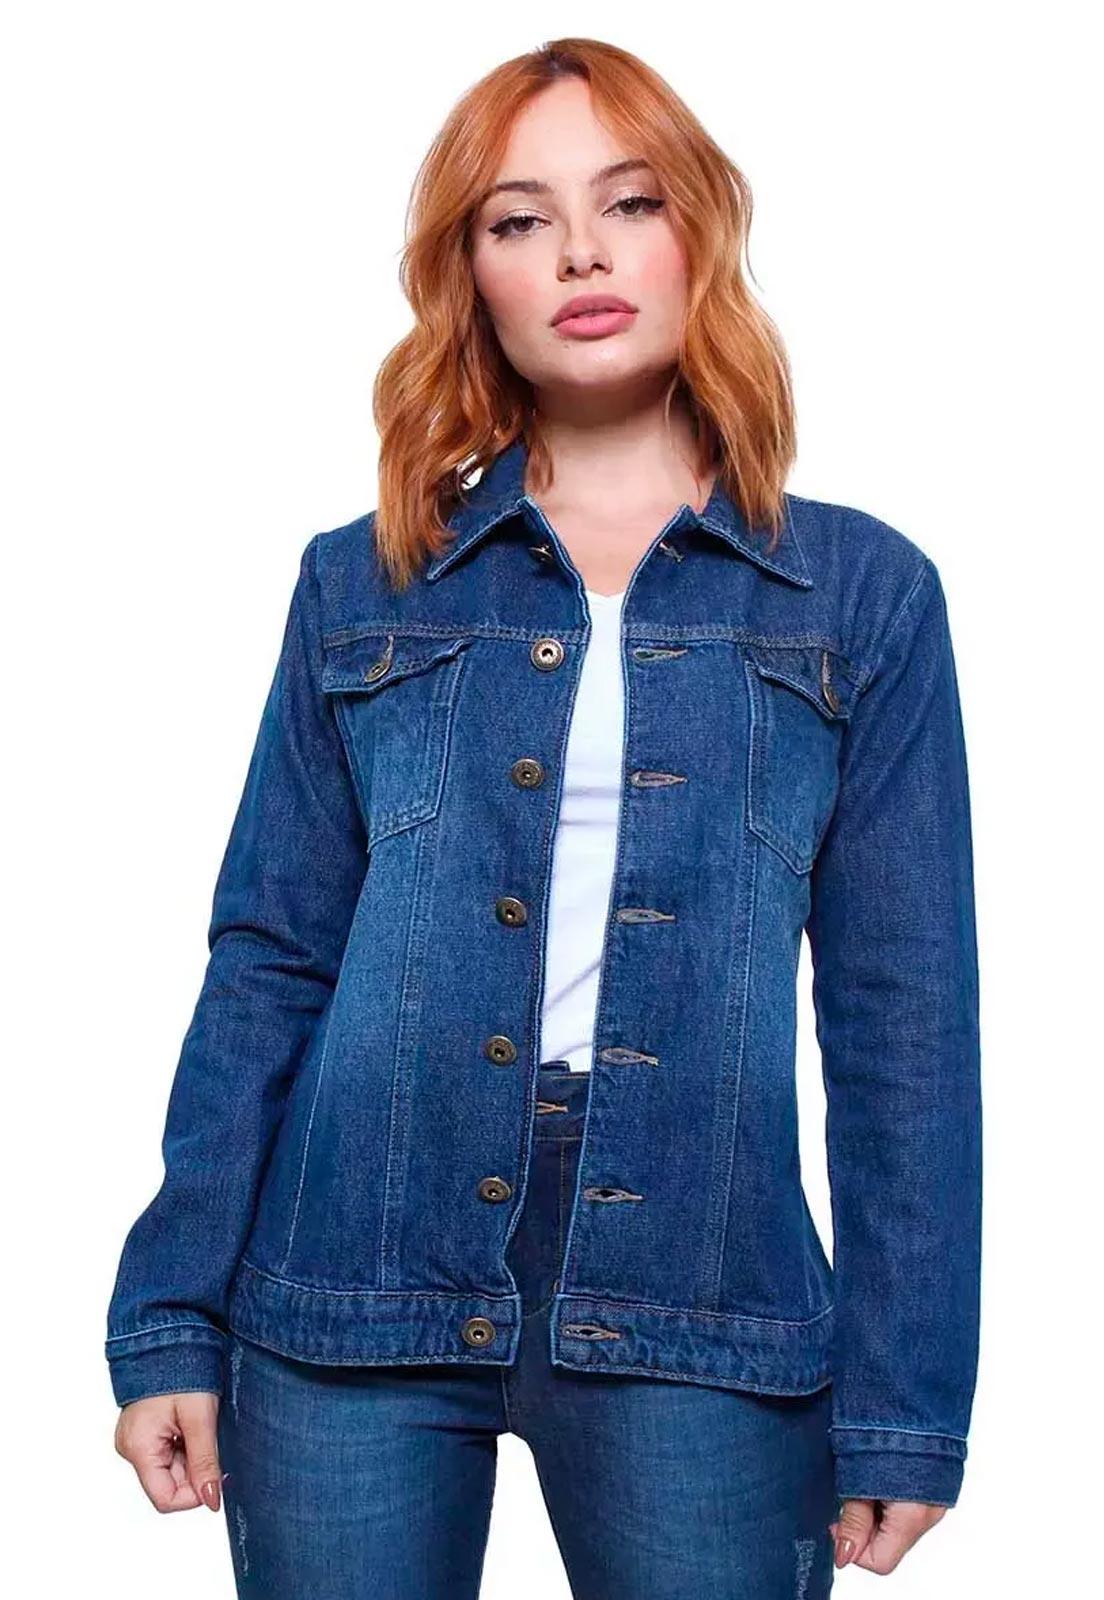 Jaqueta Jeans Feminina Estonada Crocker - 47665  - CROCKER JEANS